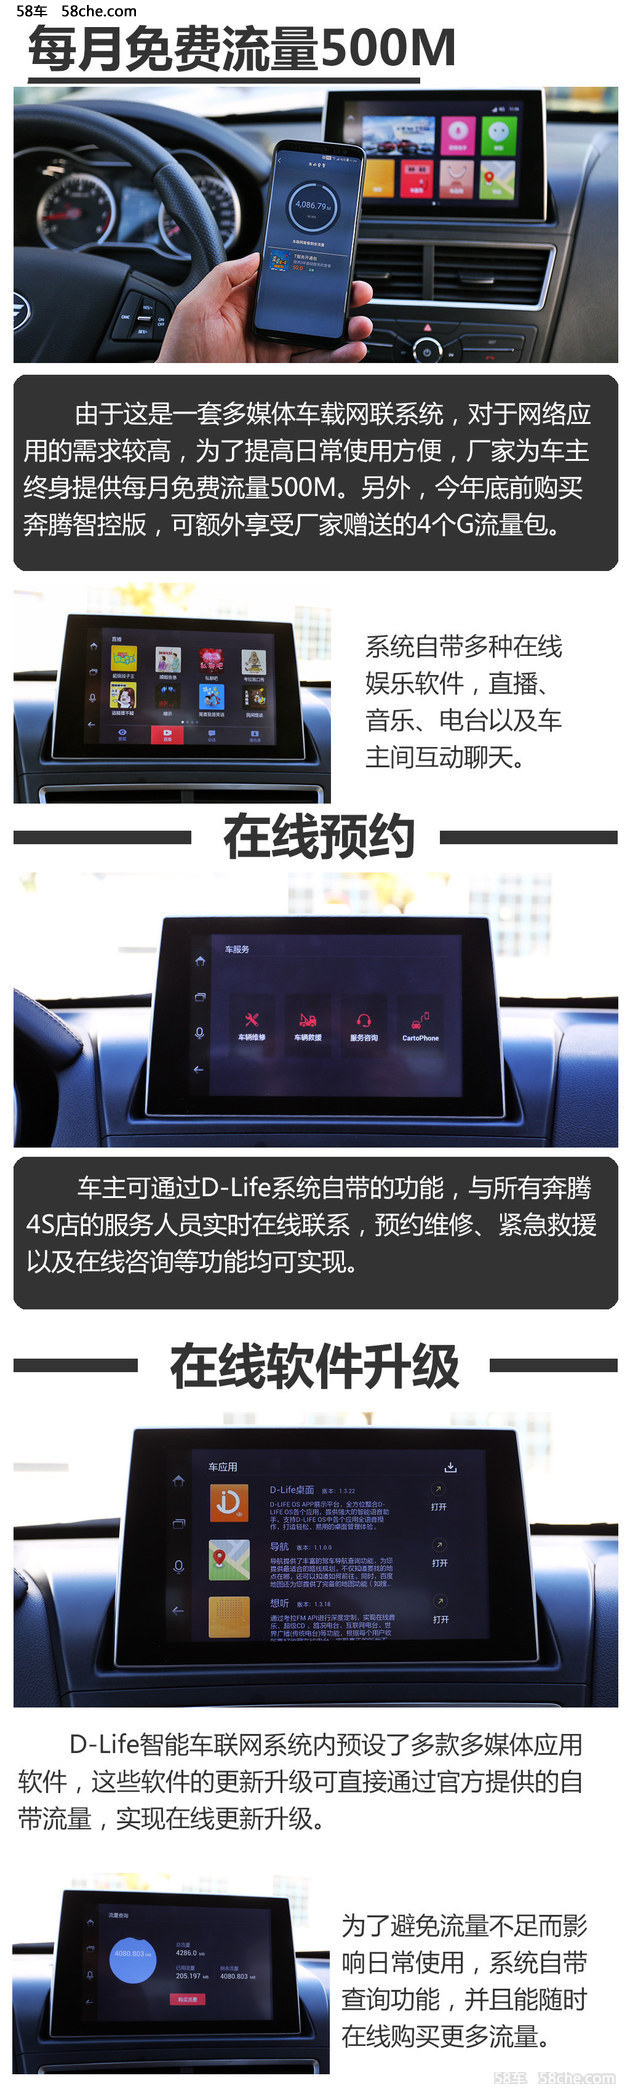 奔腾X40 D-Life多媒体体验 服务再升级